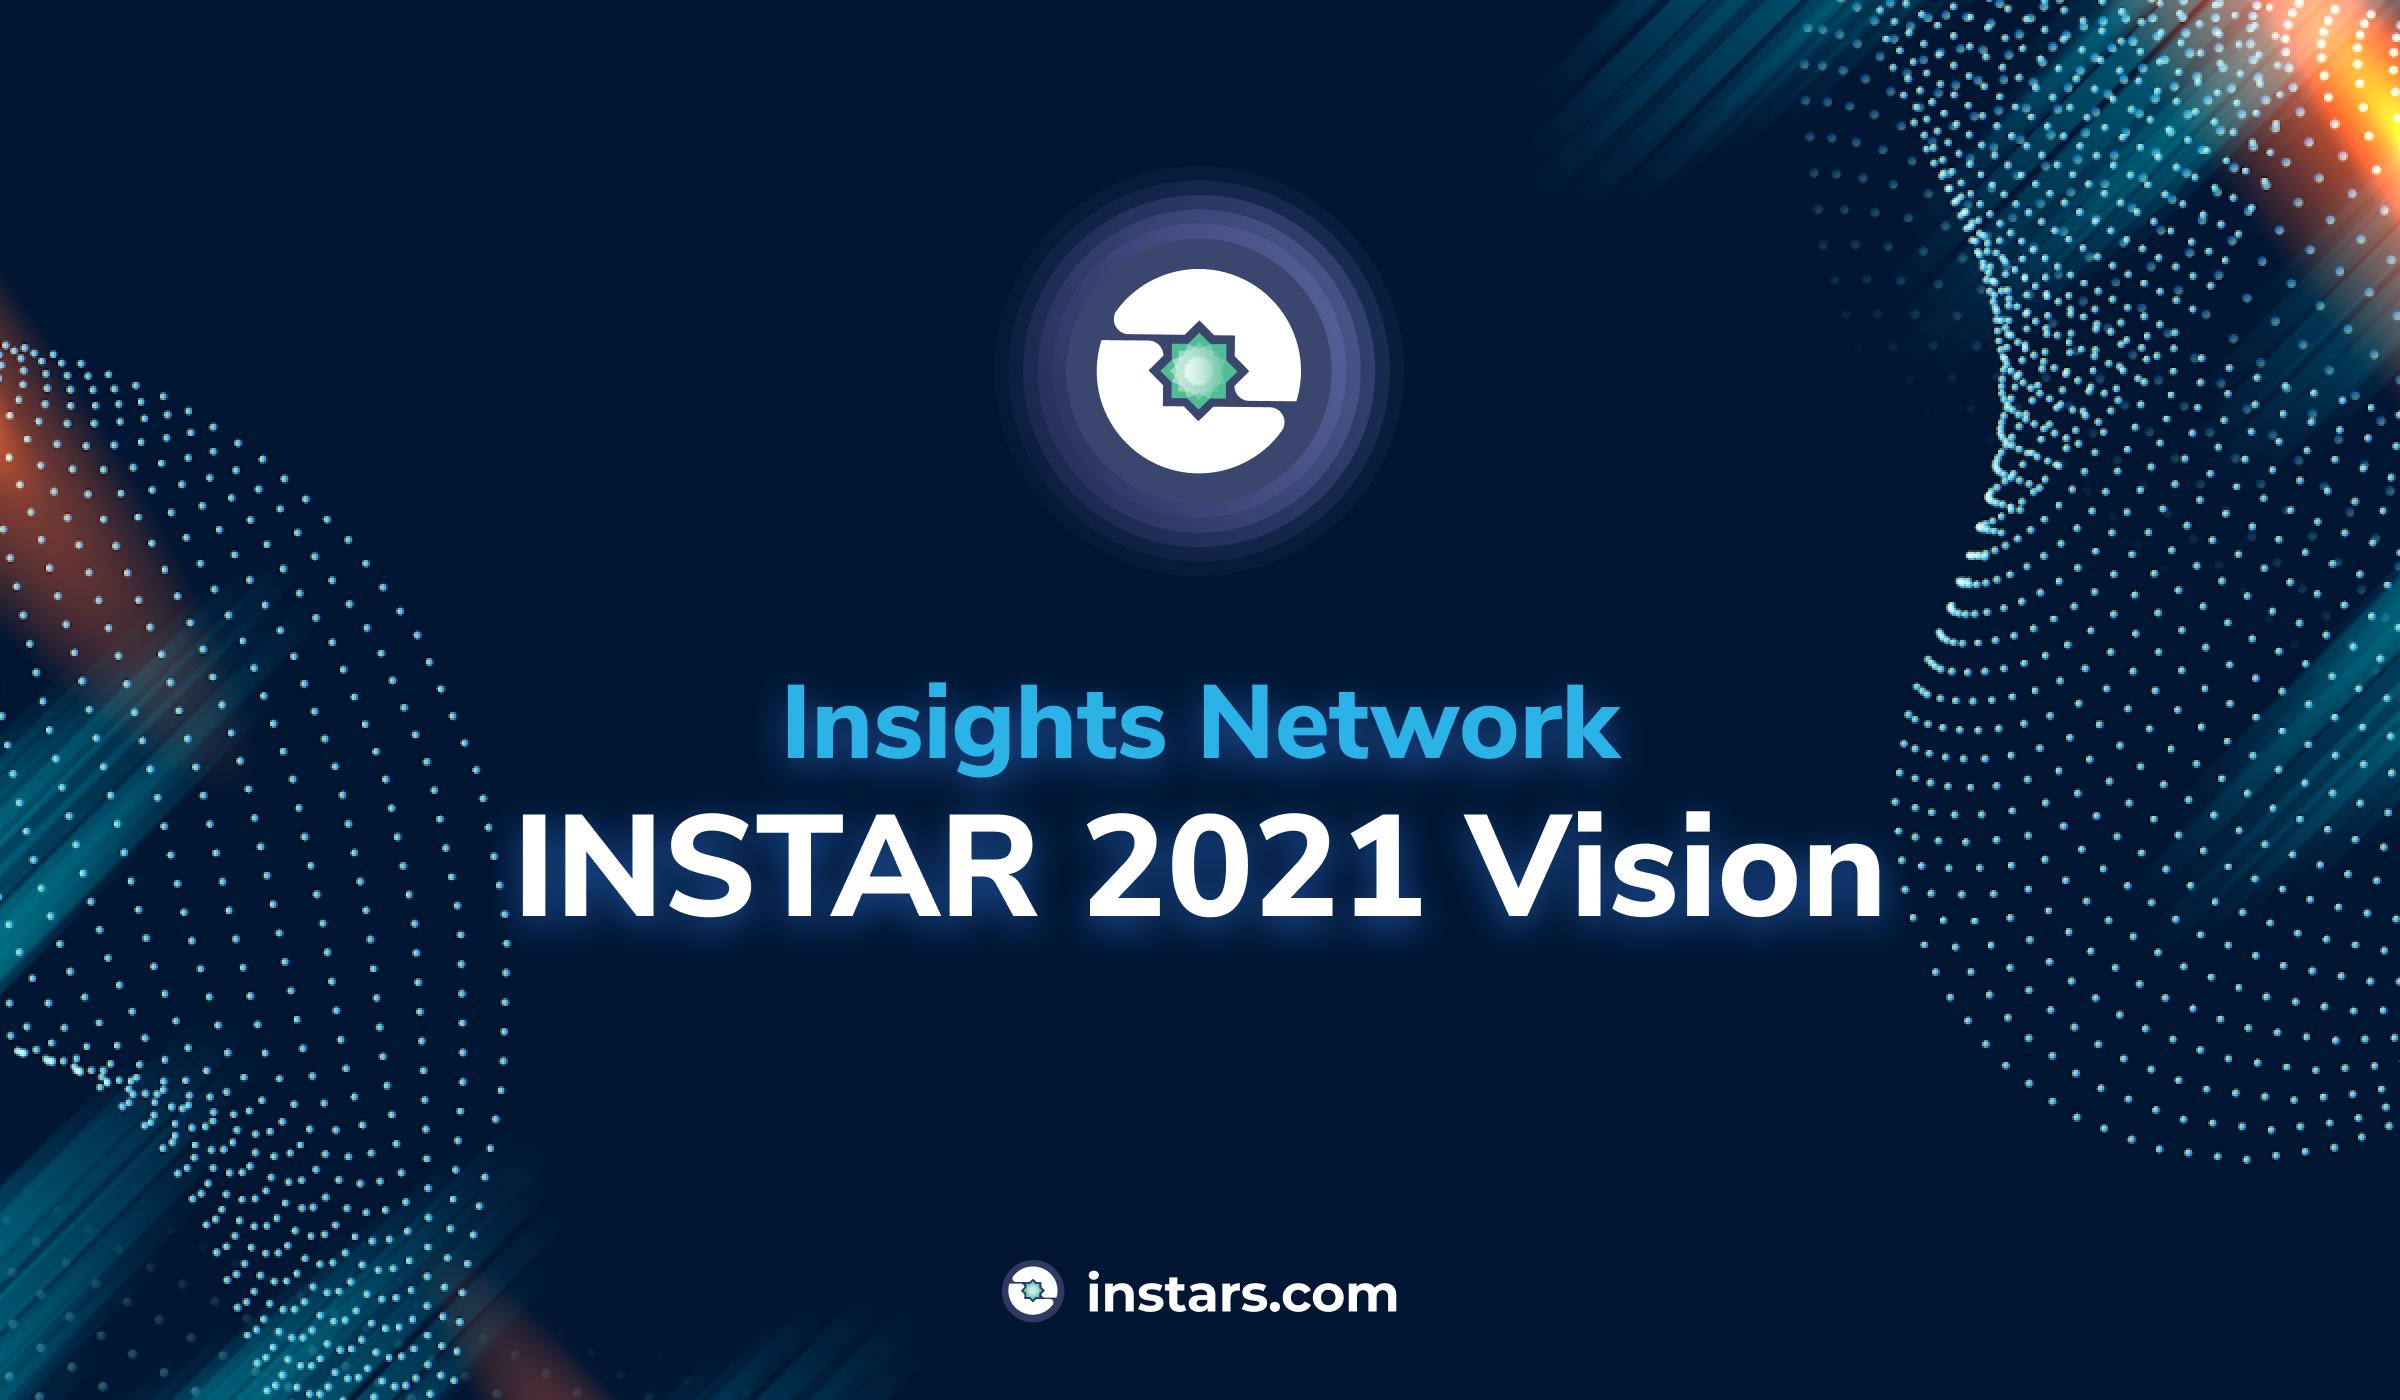 INSTAR 2021 Vision